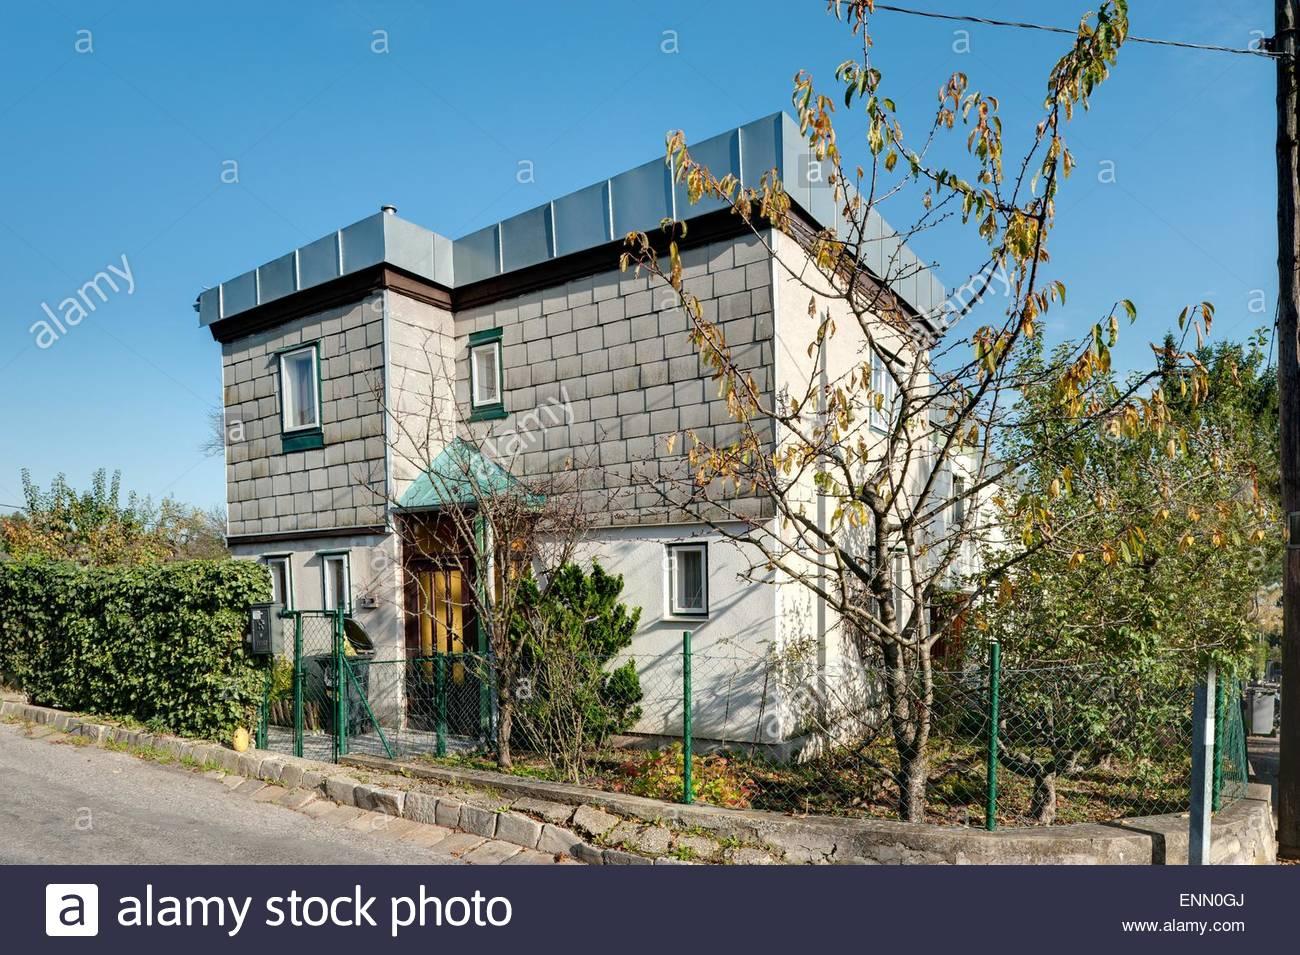 Wien, Wohnbau der Zwischenkriegszeit, Siedlung Heuberg Nach Einem Konzept von Adolf Loos, 1924 (In der Siedlung Stockbild